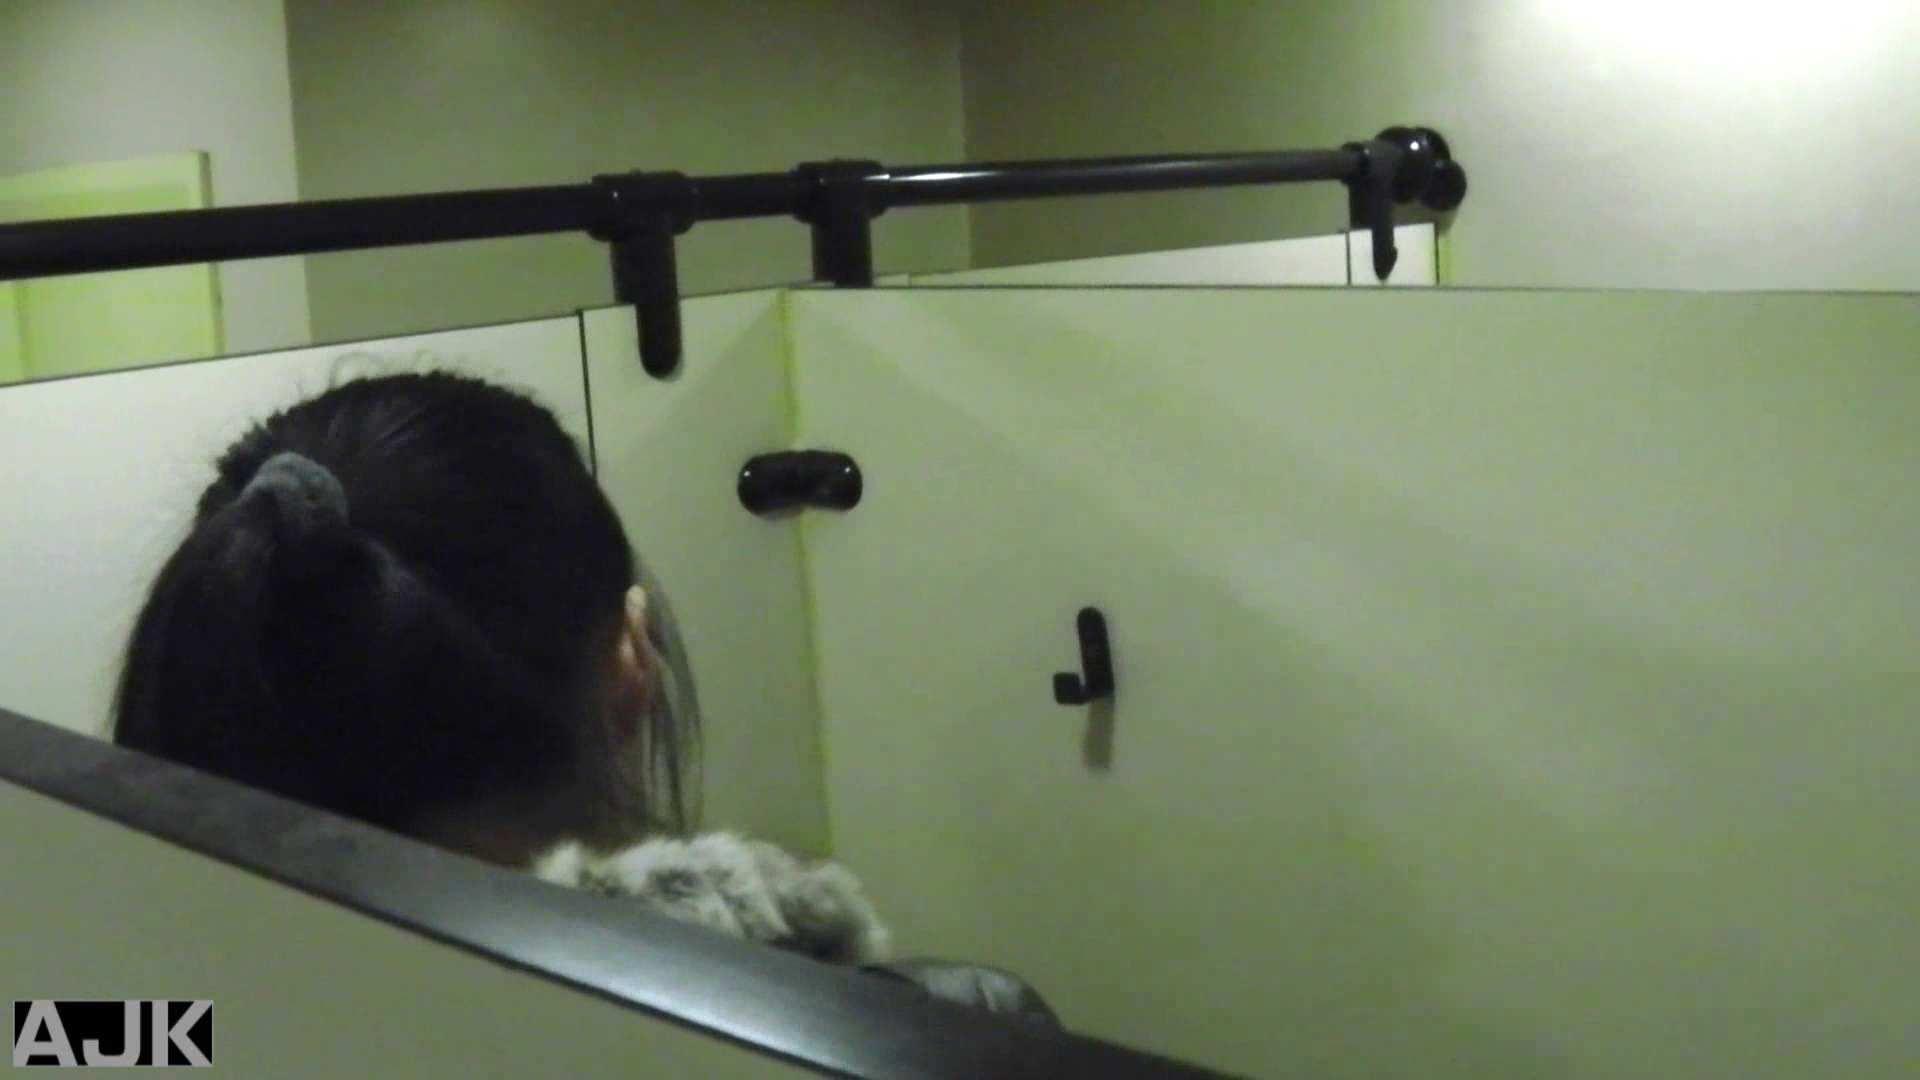 隣国上階級エリアの令嬢たちが集うデパートお手洗い Vol.19 HなOL  99pic 12